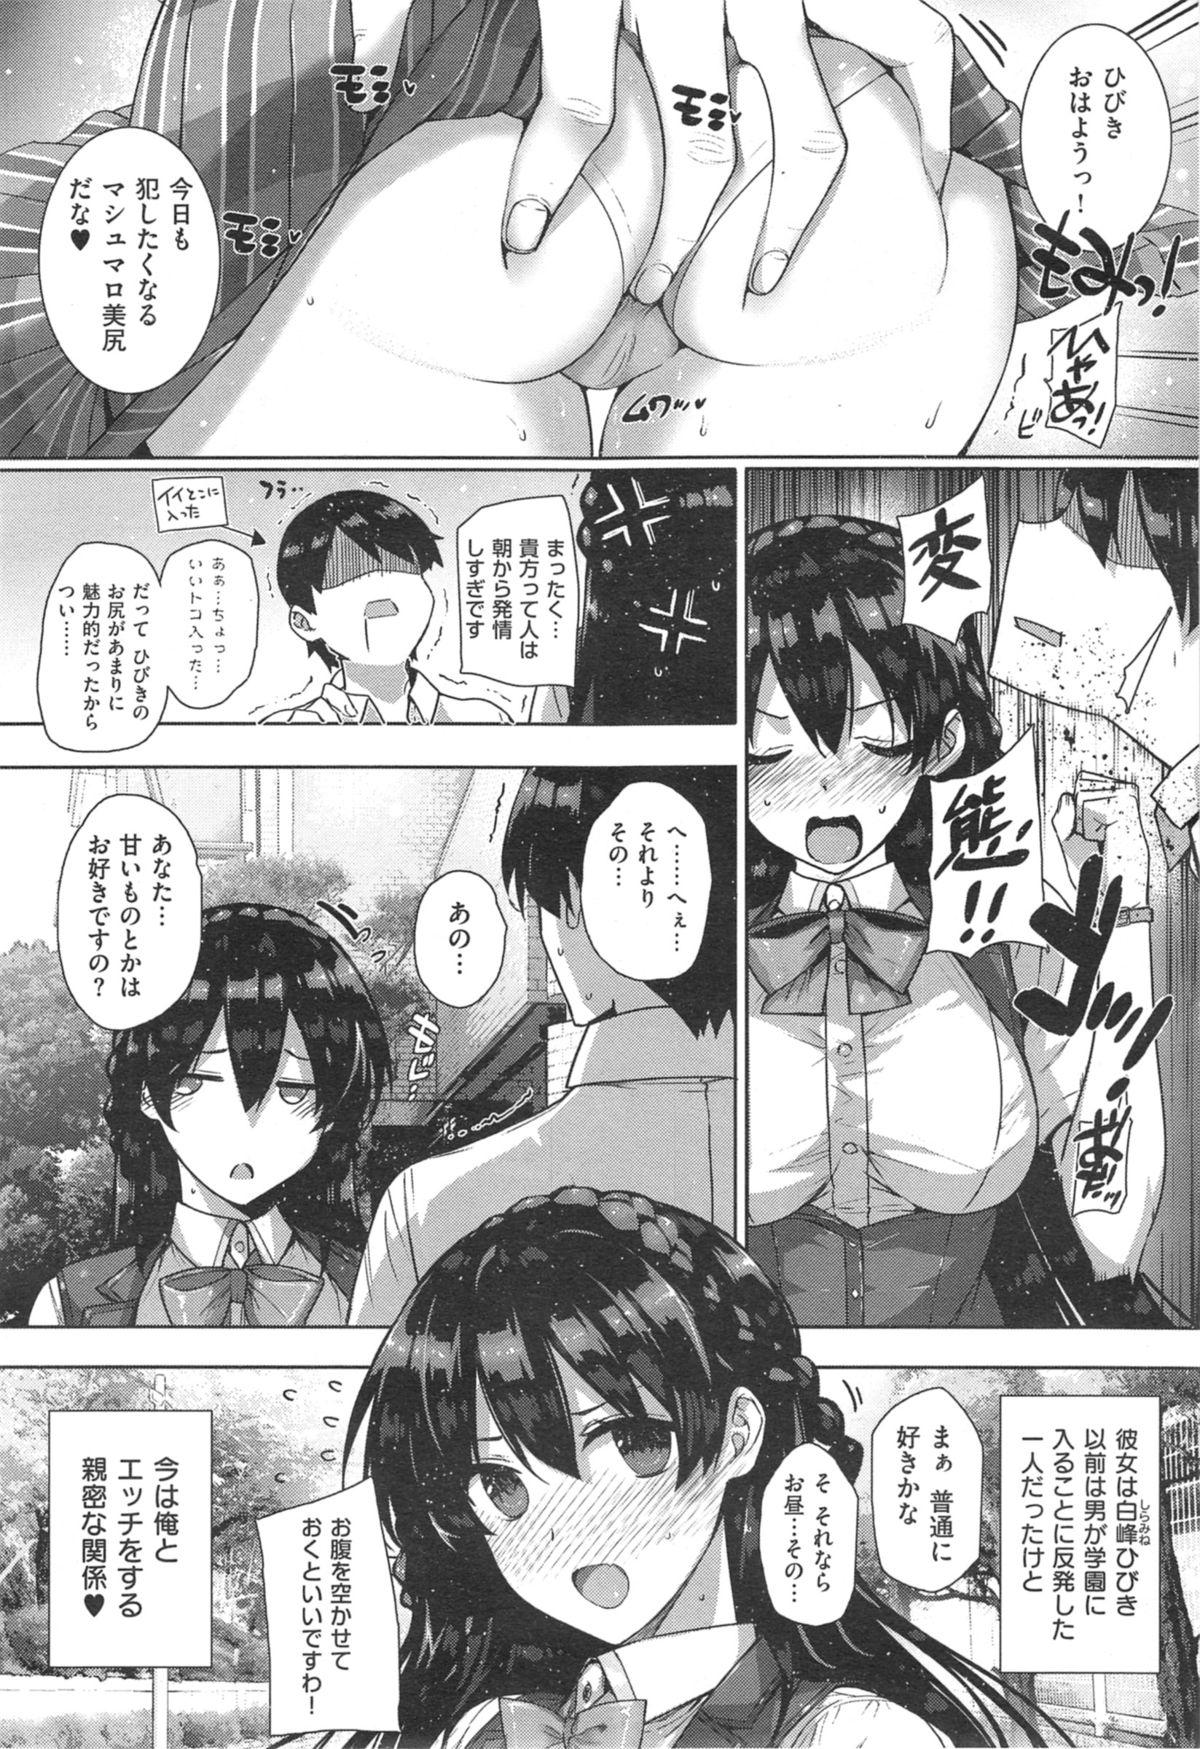 shiramine hibiki no ryoukannisshi 31